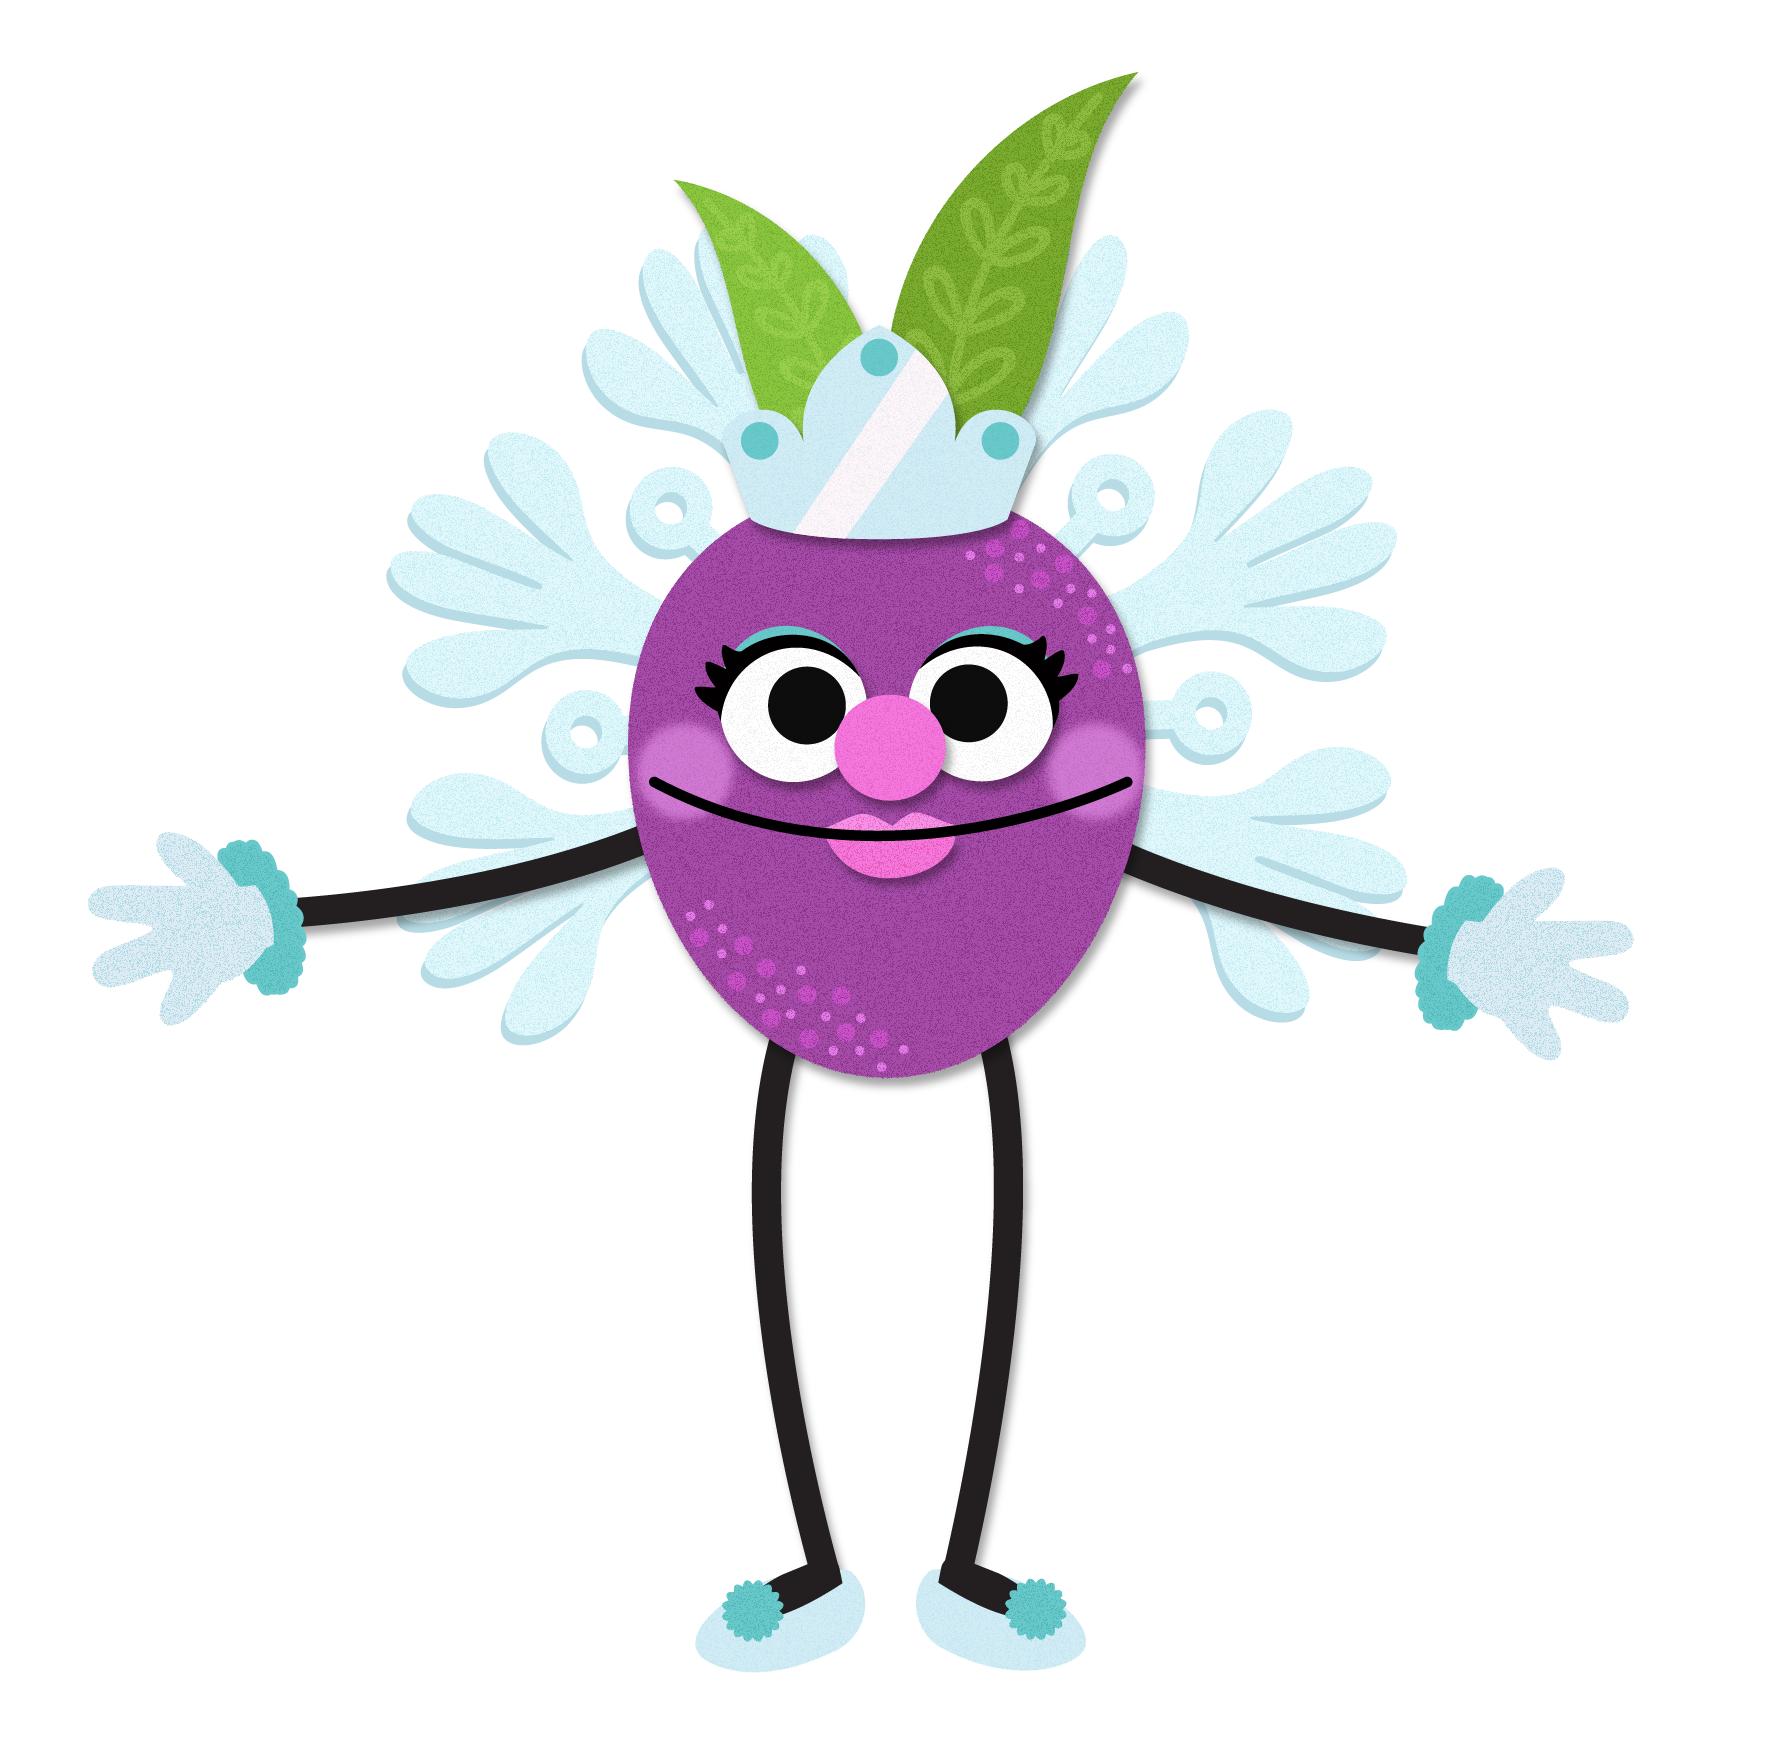 Dancing Sugarplum © Sesame Workshop